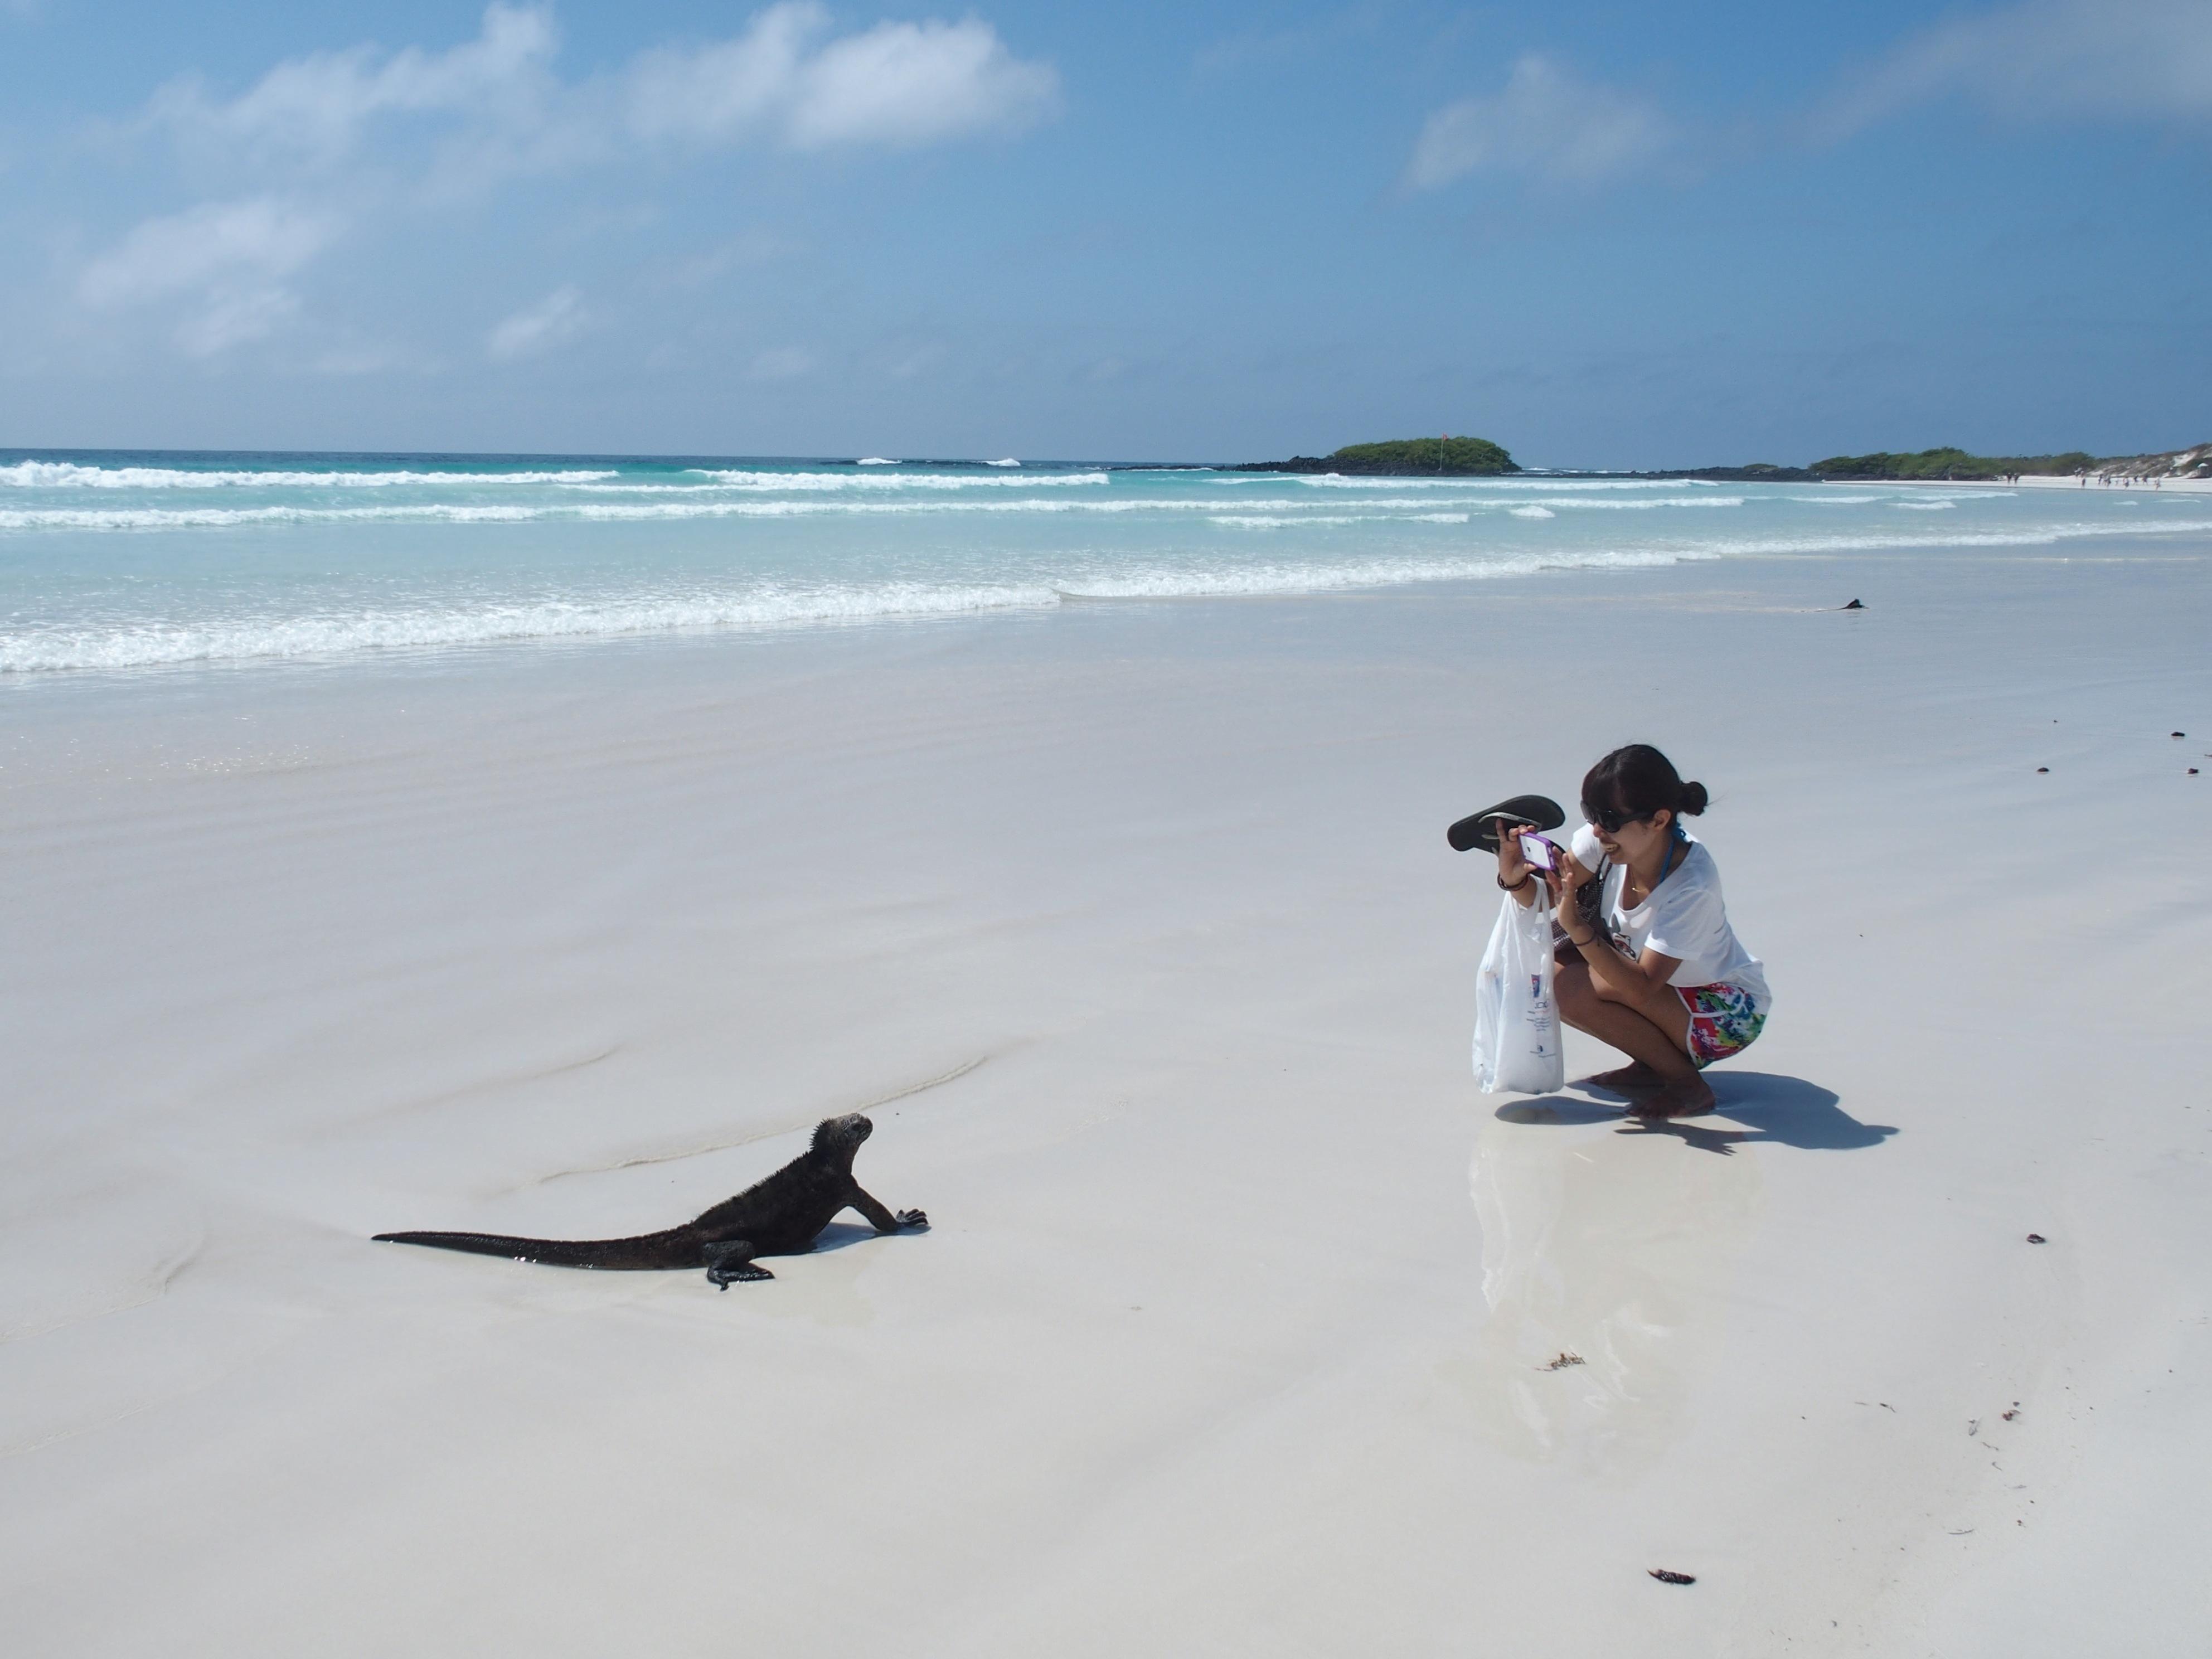 Séance photo sur la plage à Santa Cruz - Galapagos